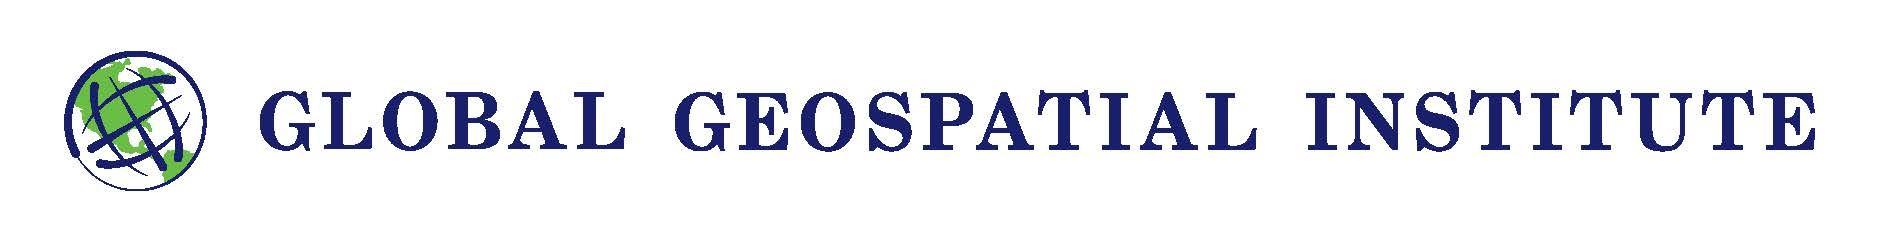 Global Geospatial Institute